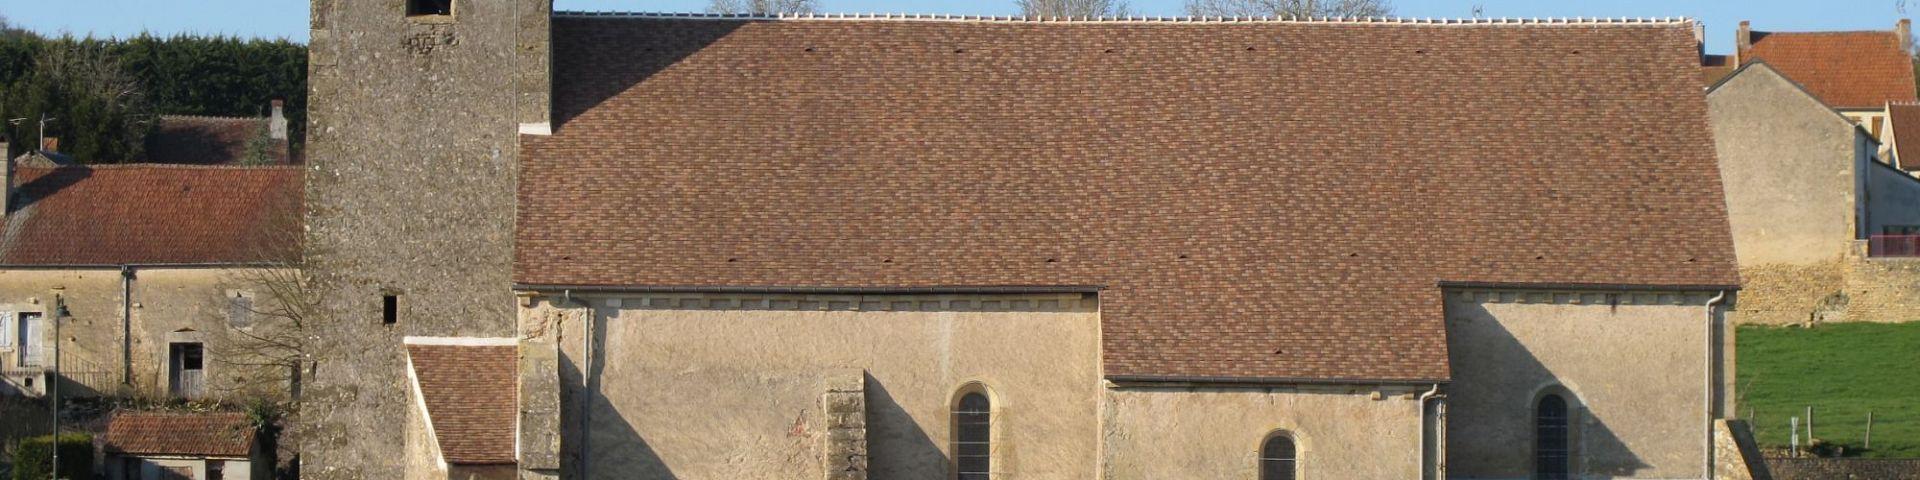 Teigny - Eglise Saint-Nazaire et St-Celse (58)